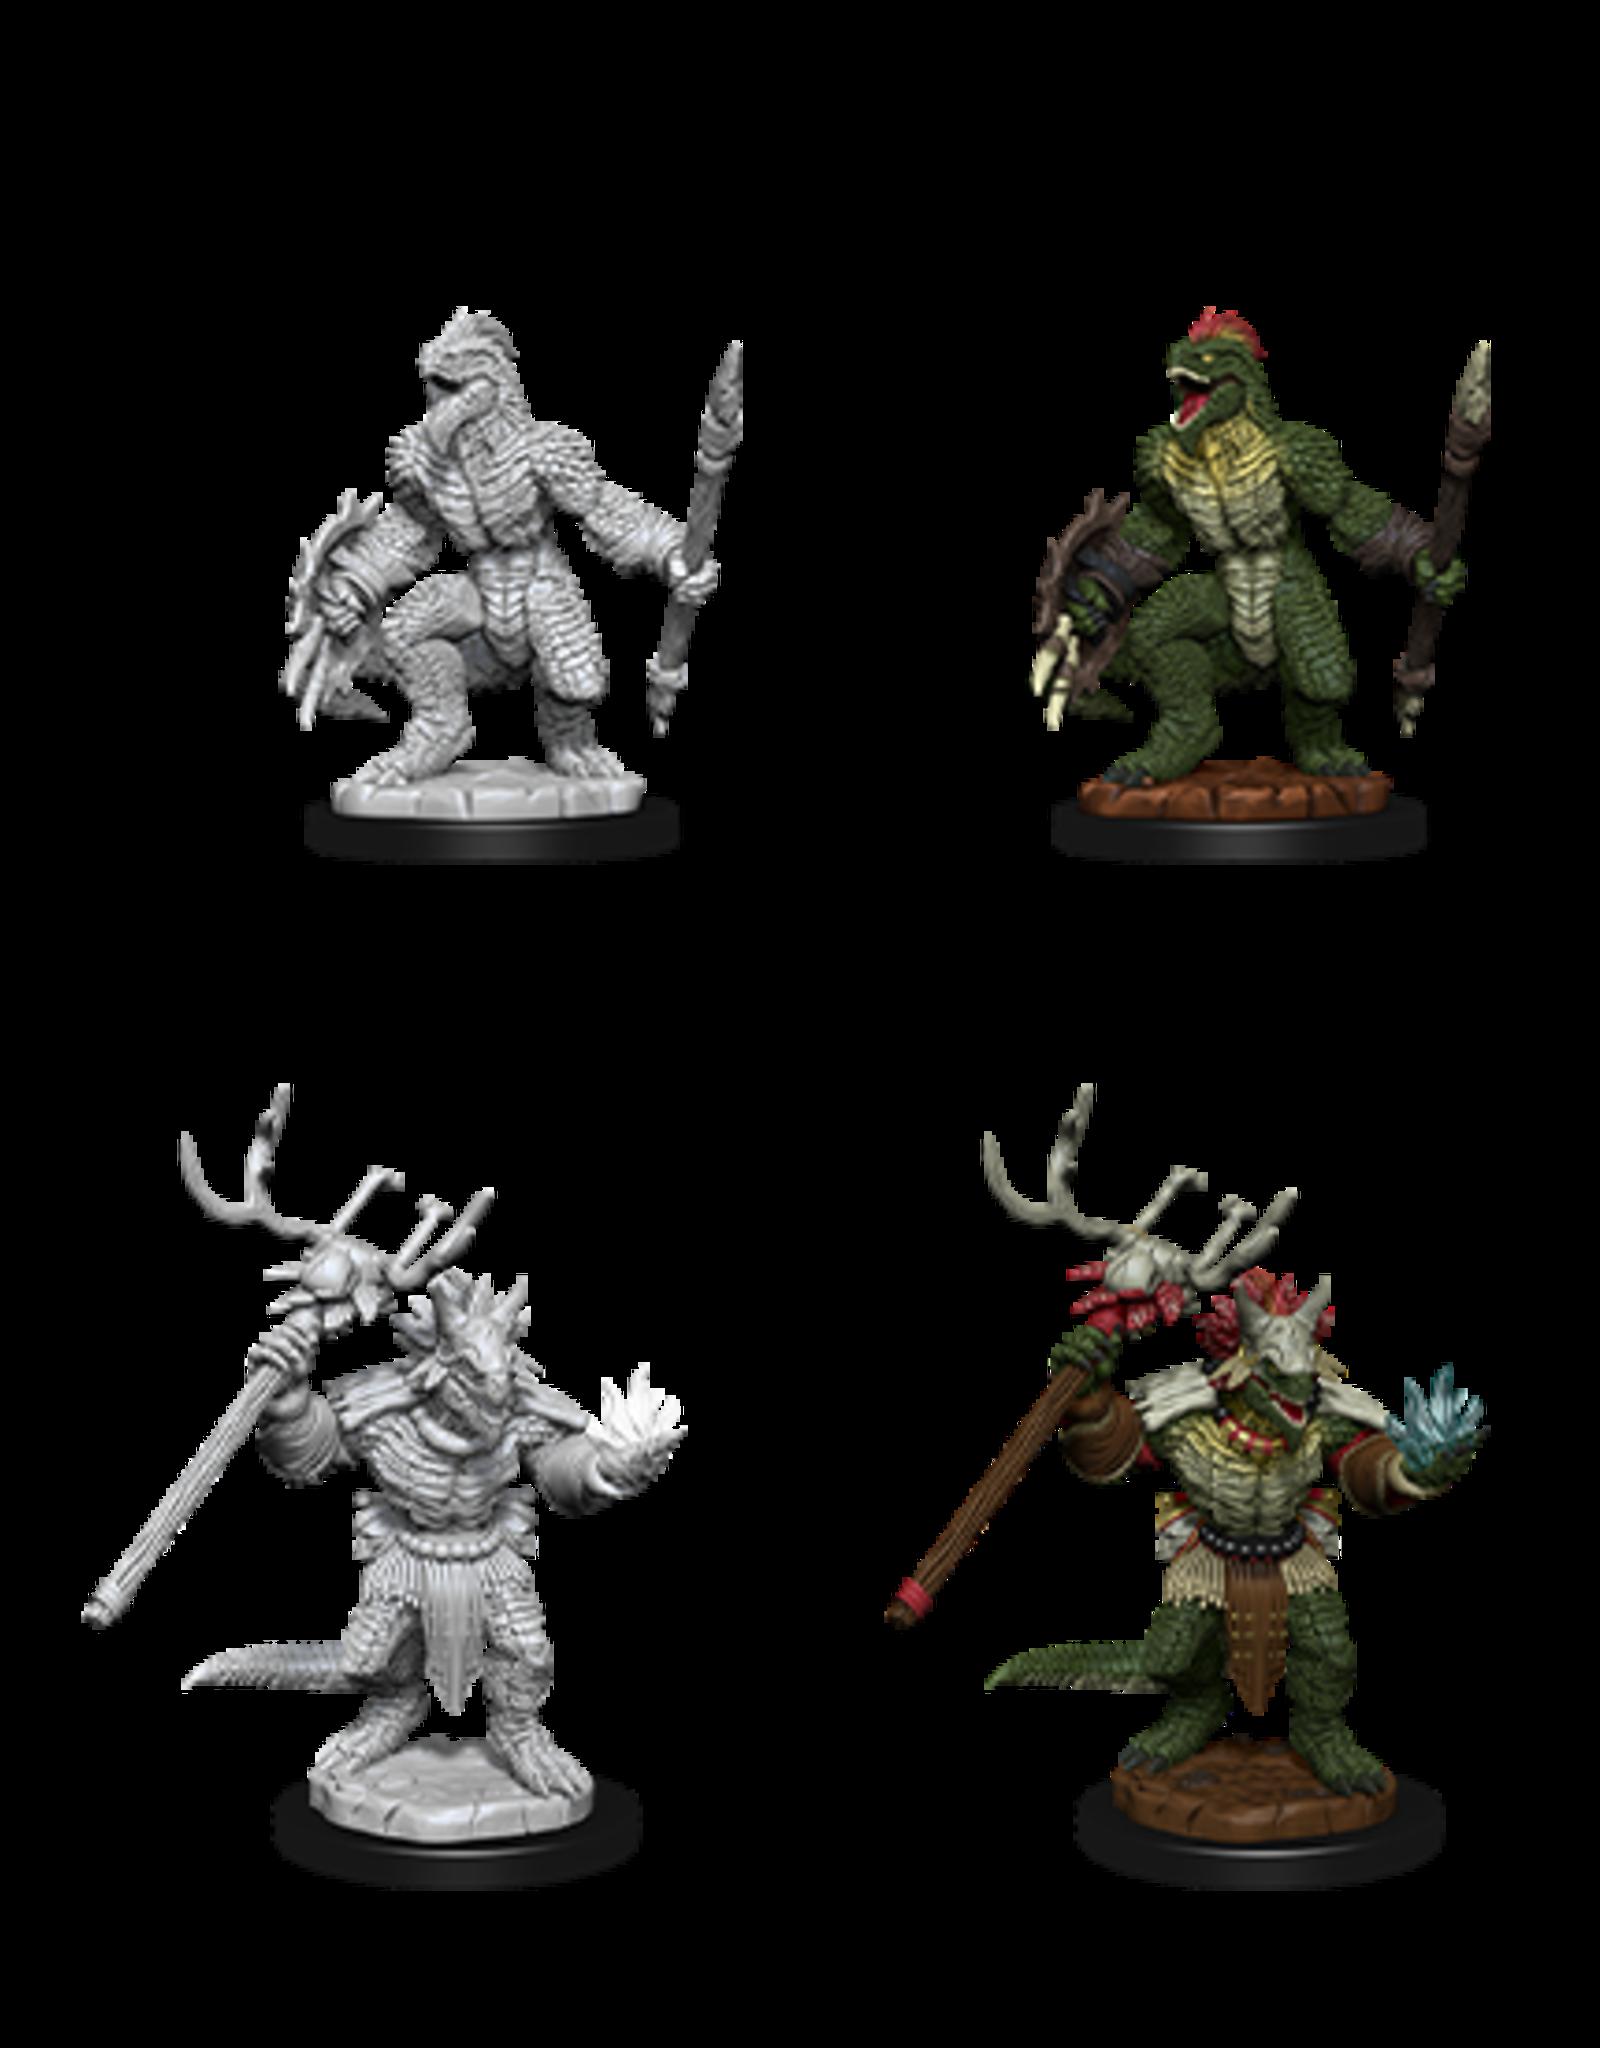 Nolzur's Marvelous Miniatures D&D D&D NMU - Lizardfolk & Lizardfolk Shaman (W12)